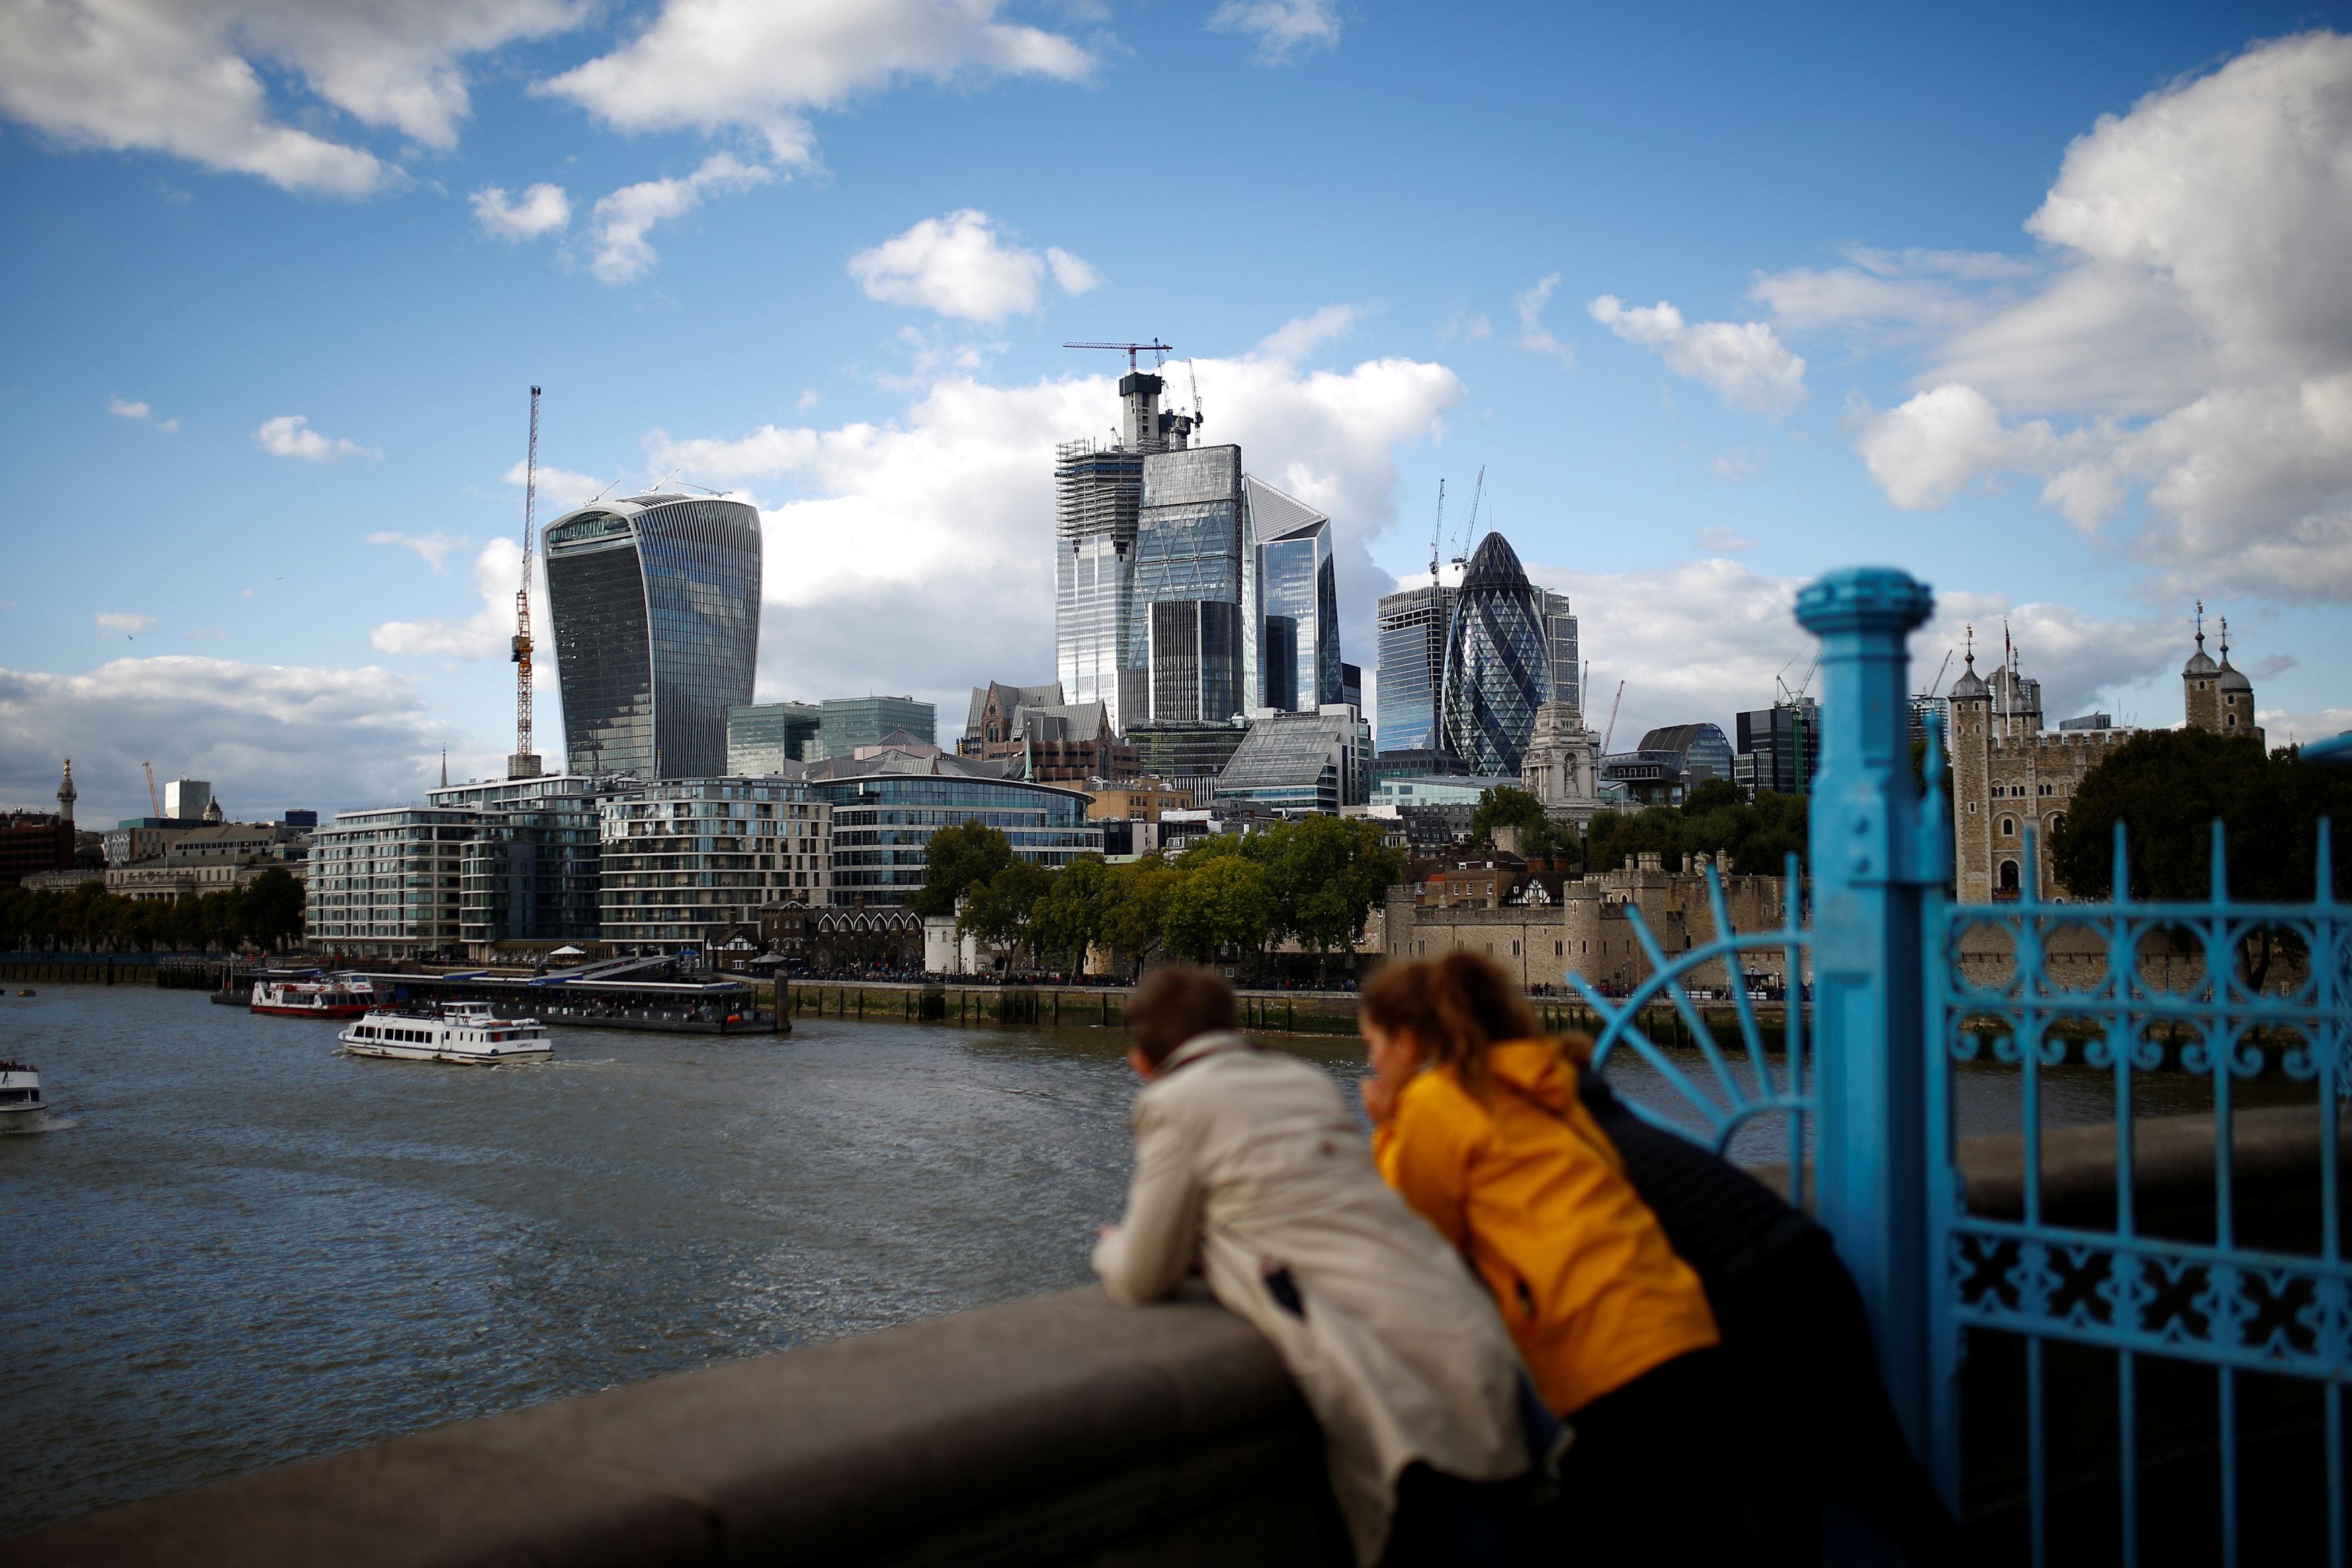 مبانى لندن الجديدة غيرت خريطة العاصمة البريطانية